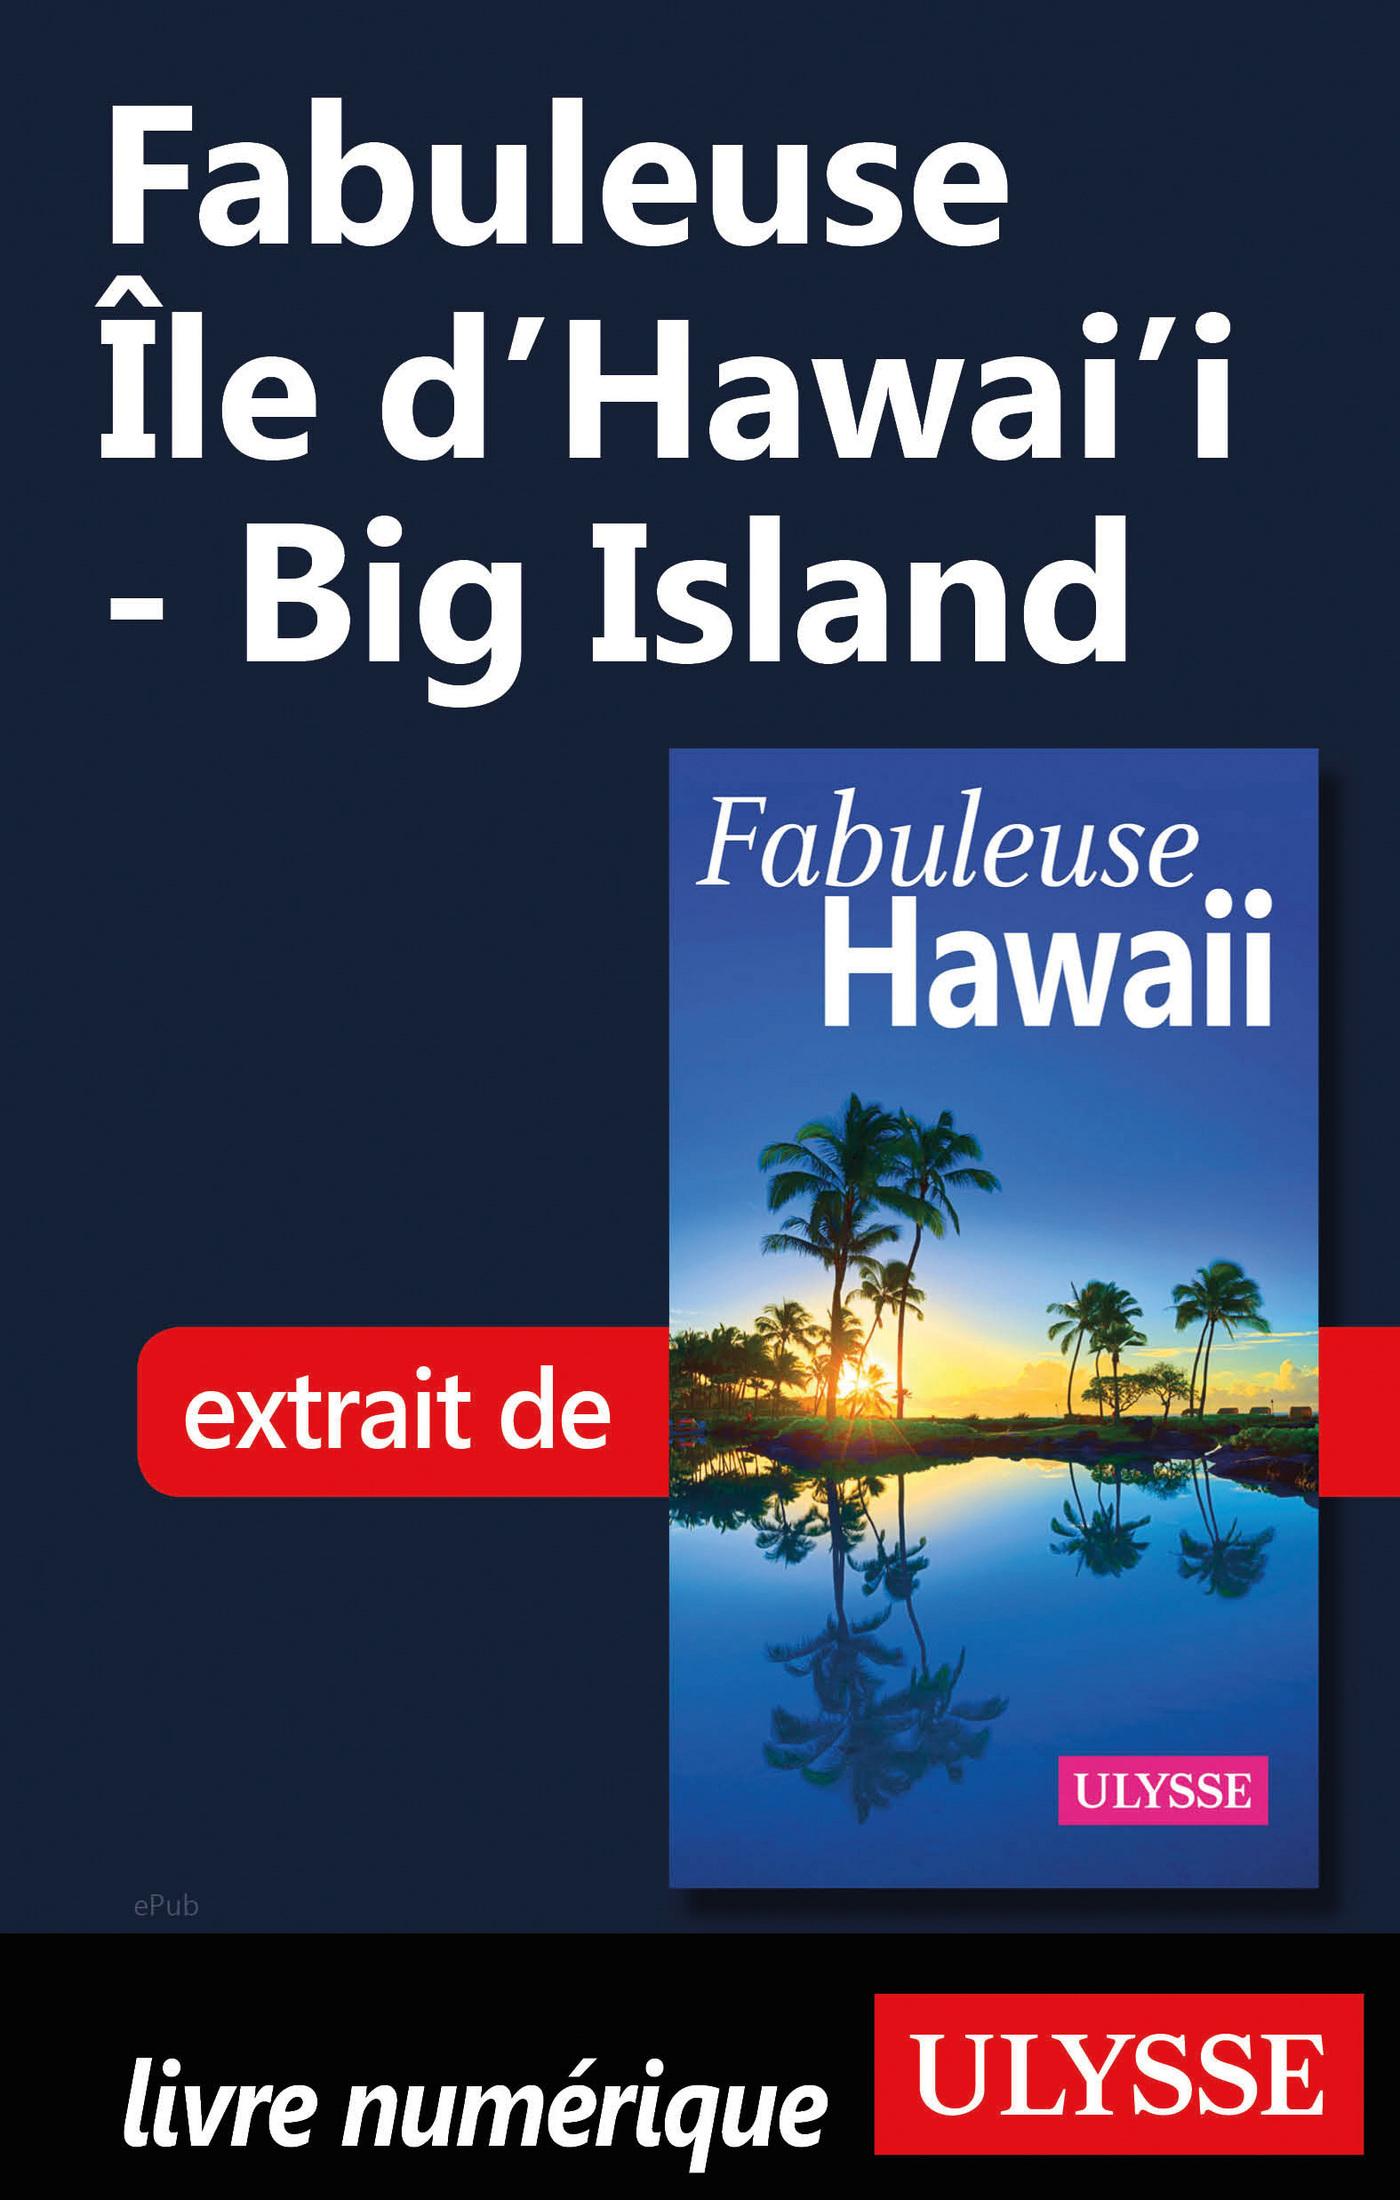 Fabuleuse Ile d'Hawai'i - Big Island